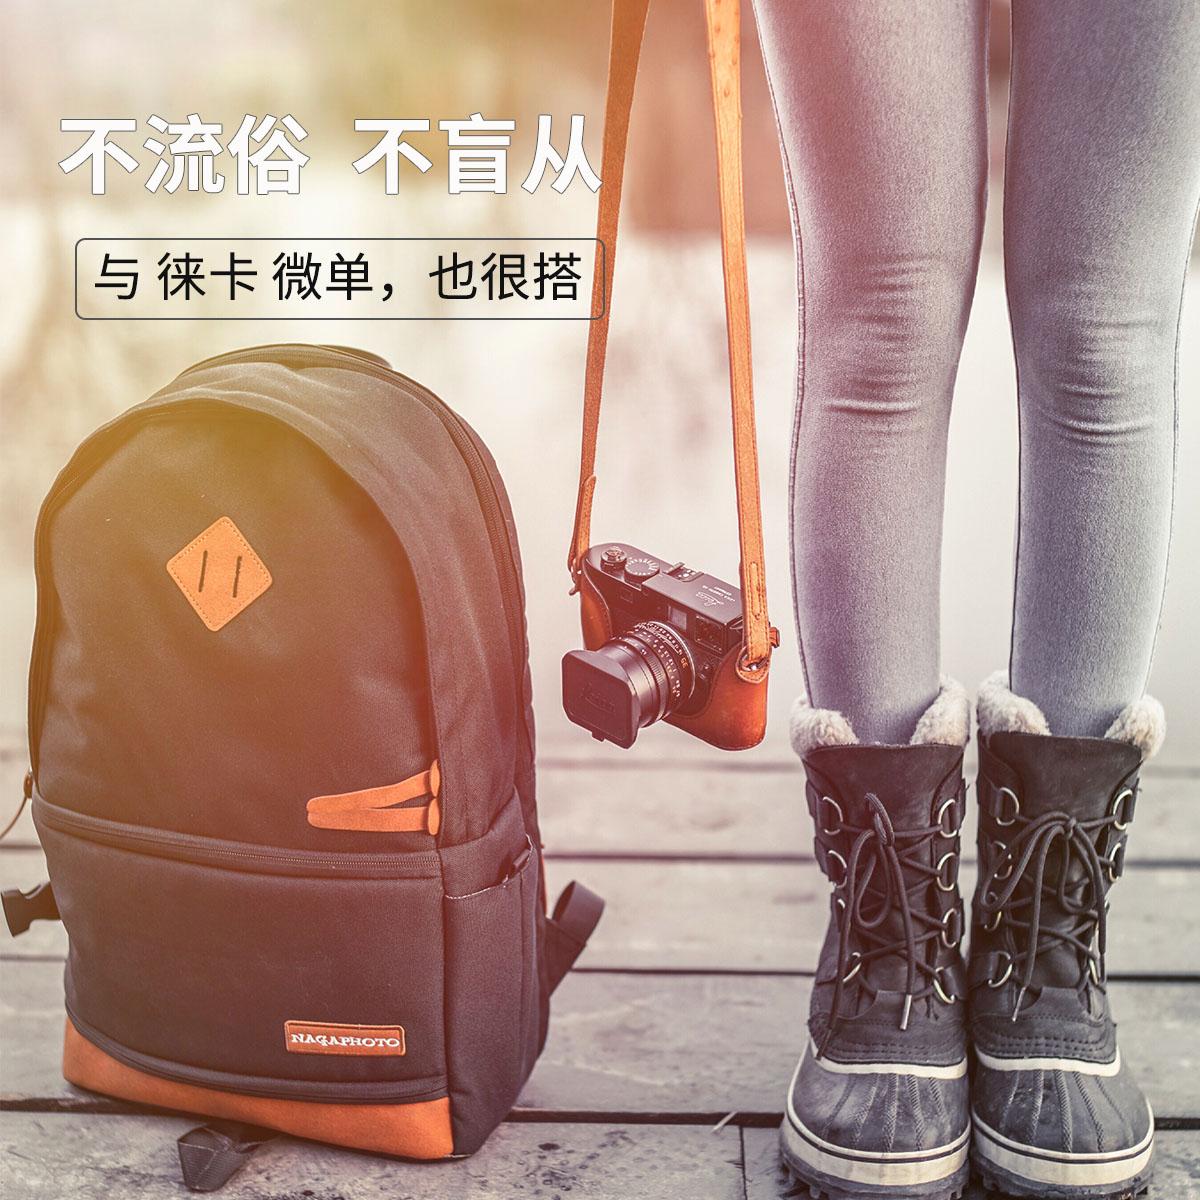 纳伽双肩摄影包佳能5D4单反相机包70-200挂机 15寸笔记本防盗背包